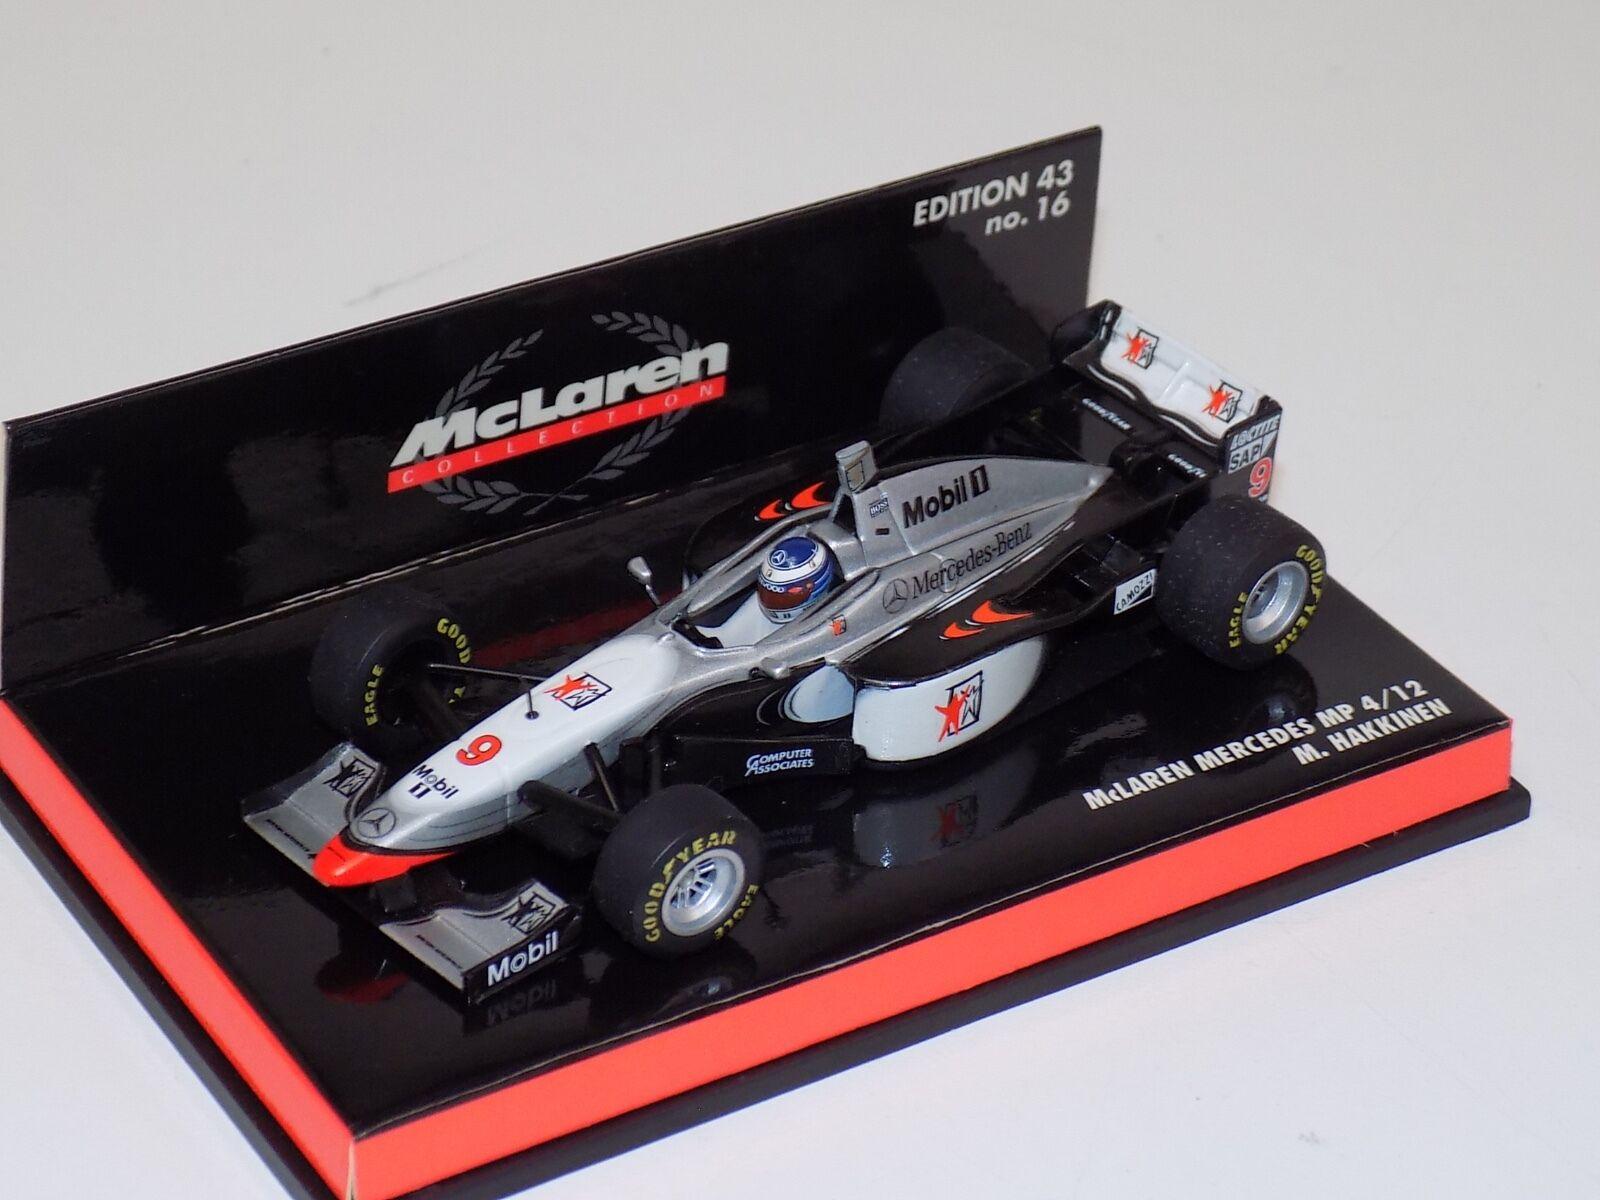 Los mejores precios y los estilos más frescos. 1 43 43 43 Minichamps F1 máquina de Fórmula 1 McLaren Mercedes 1997 pistolas 4-12 West M. obligaba  precios mas bajos